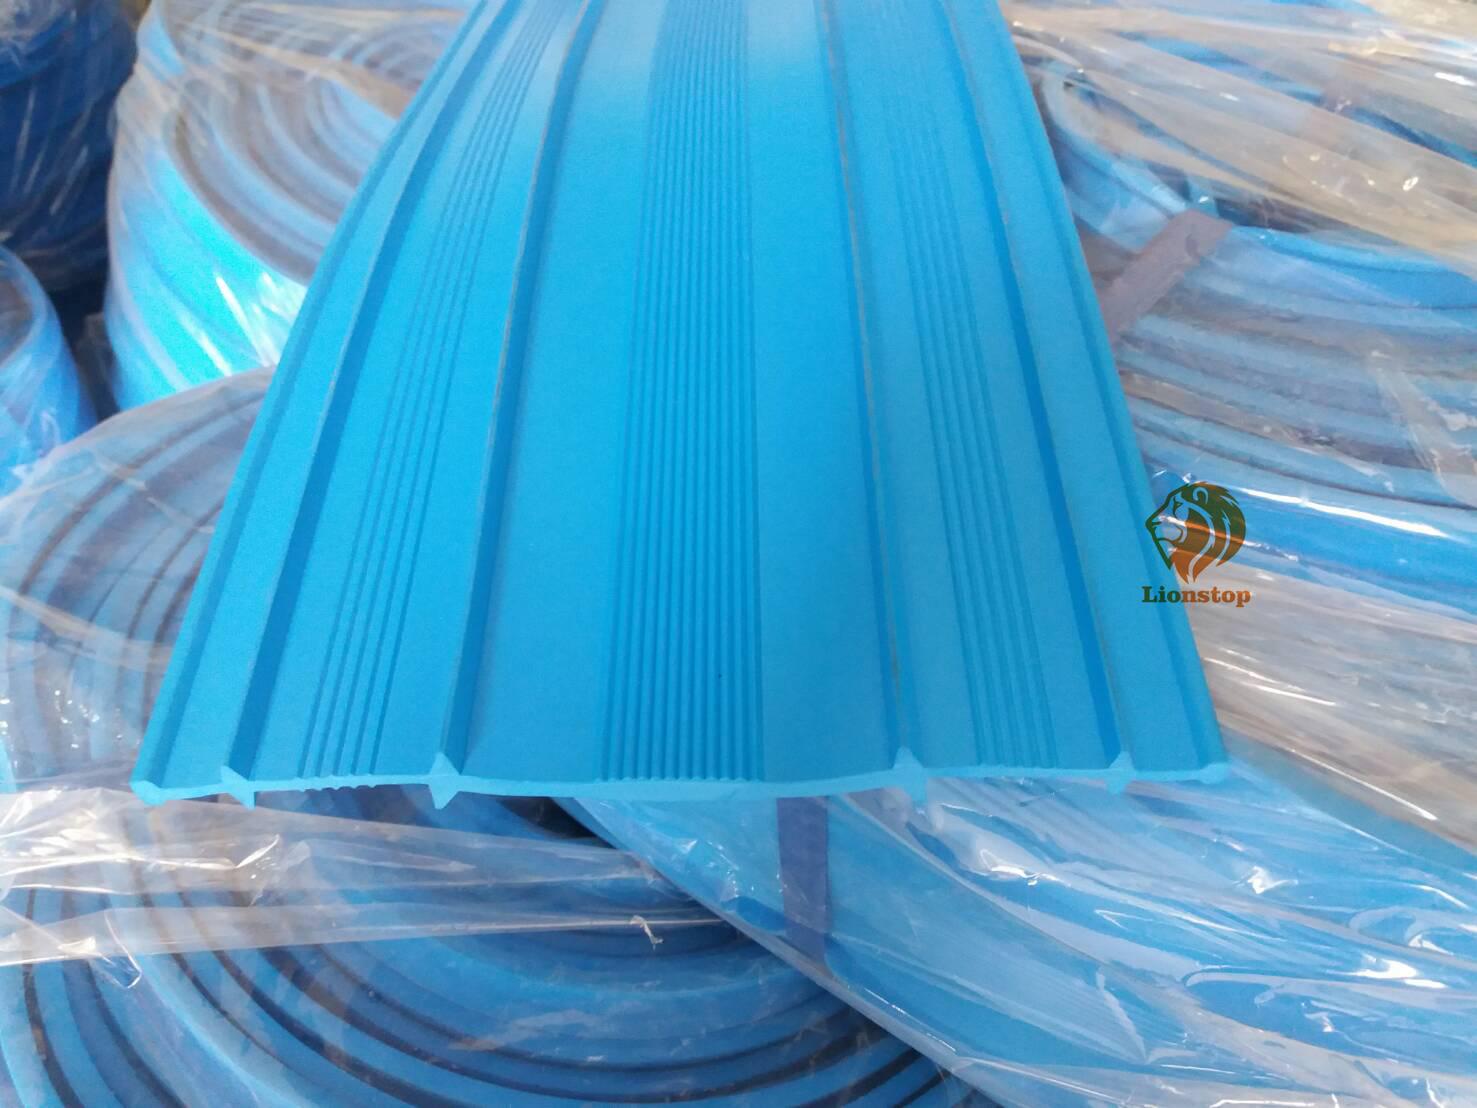 PVC วอเตอร์สต๊อป D8aT ขนาดกว้าง 8 นิ้ว (แบบริบ ไม่มีรูตรงกลาง) มอก.